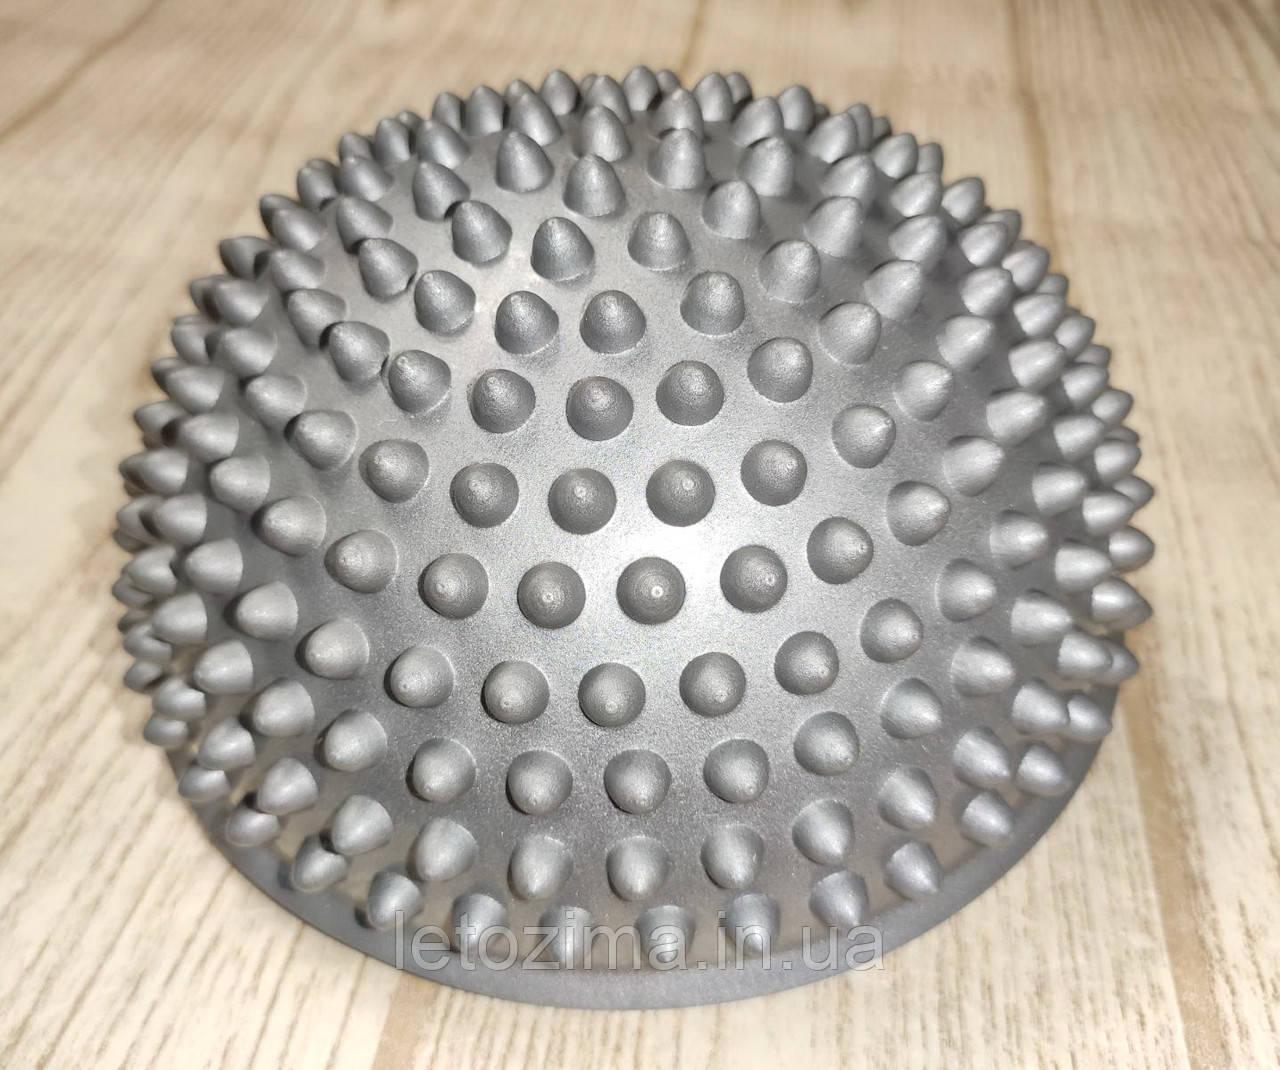 Балансировочная полусфера D=16см, h=9см (1 шт.) Серебристо - Серый